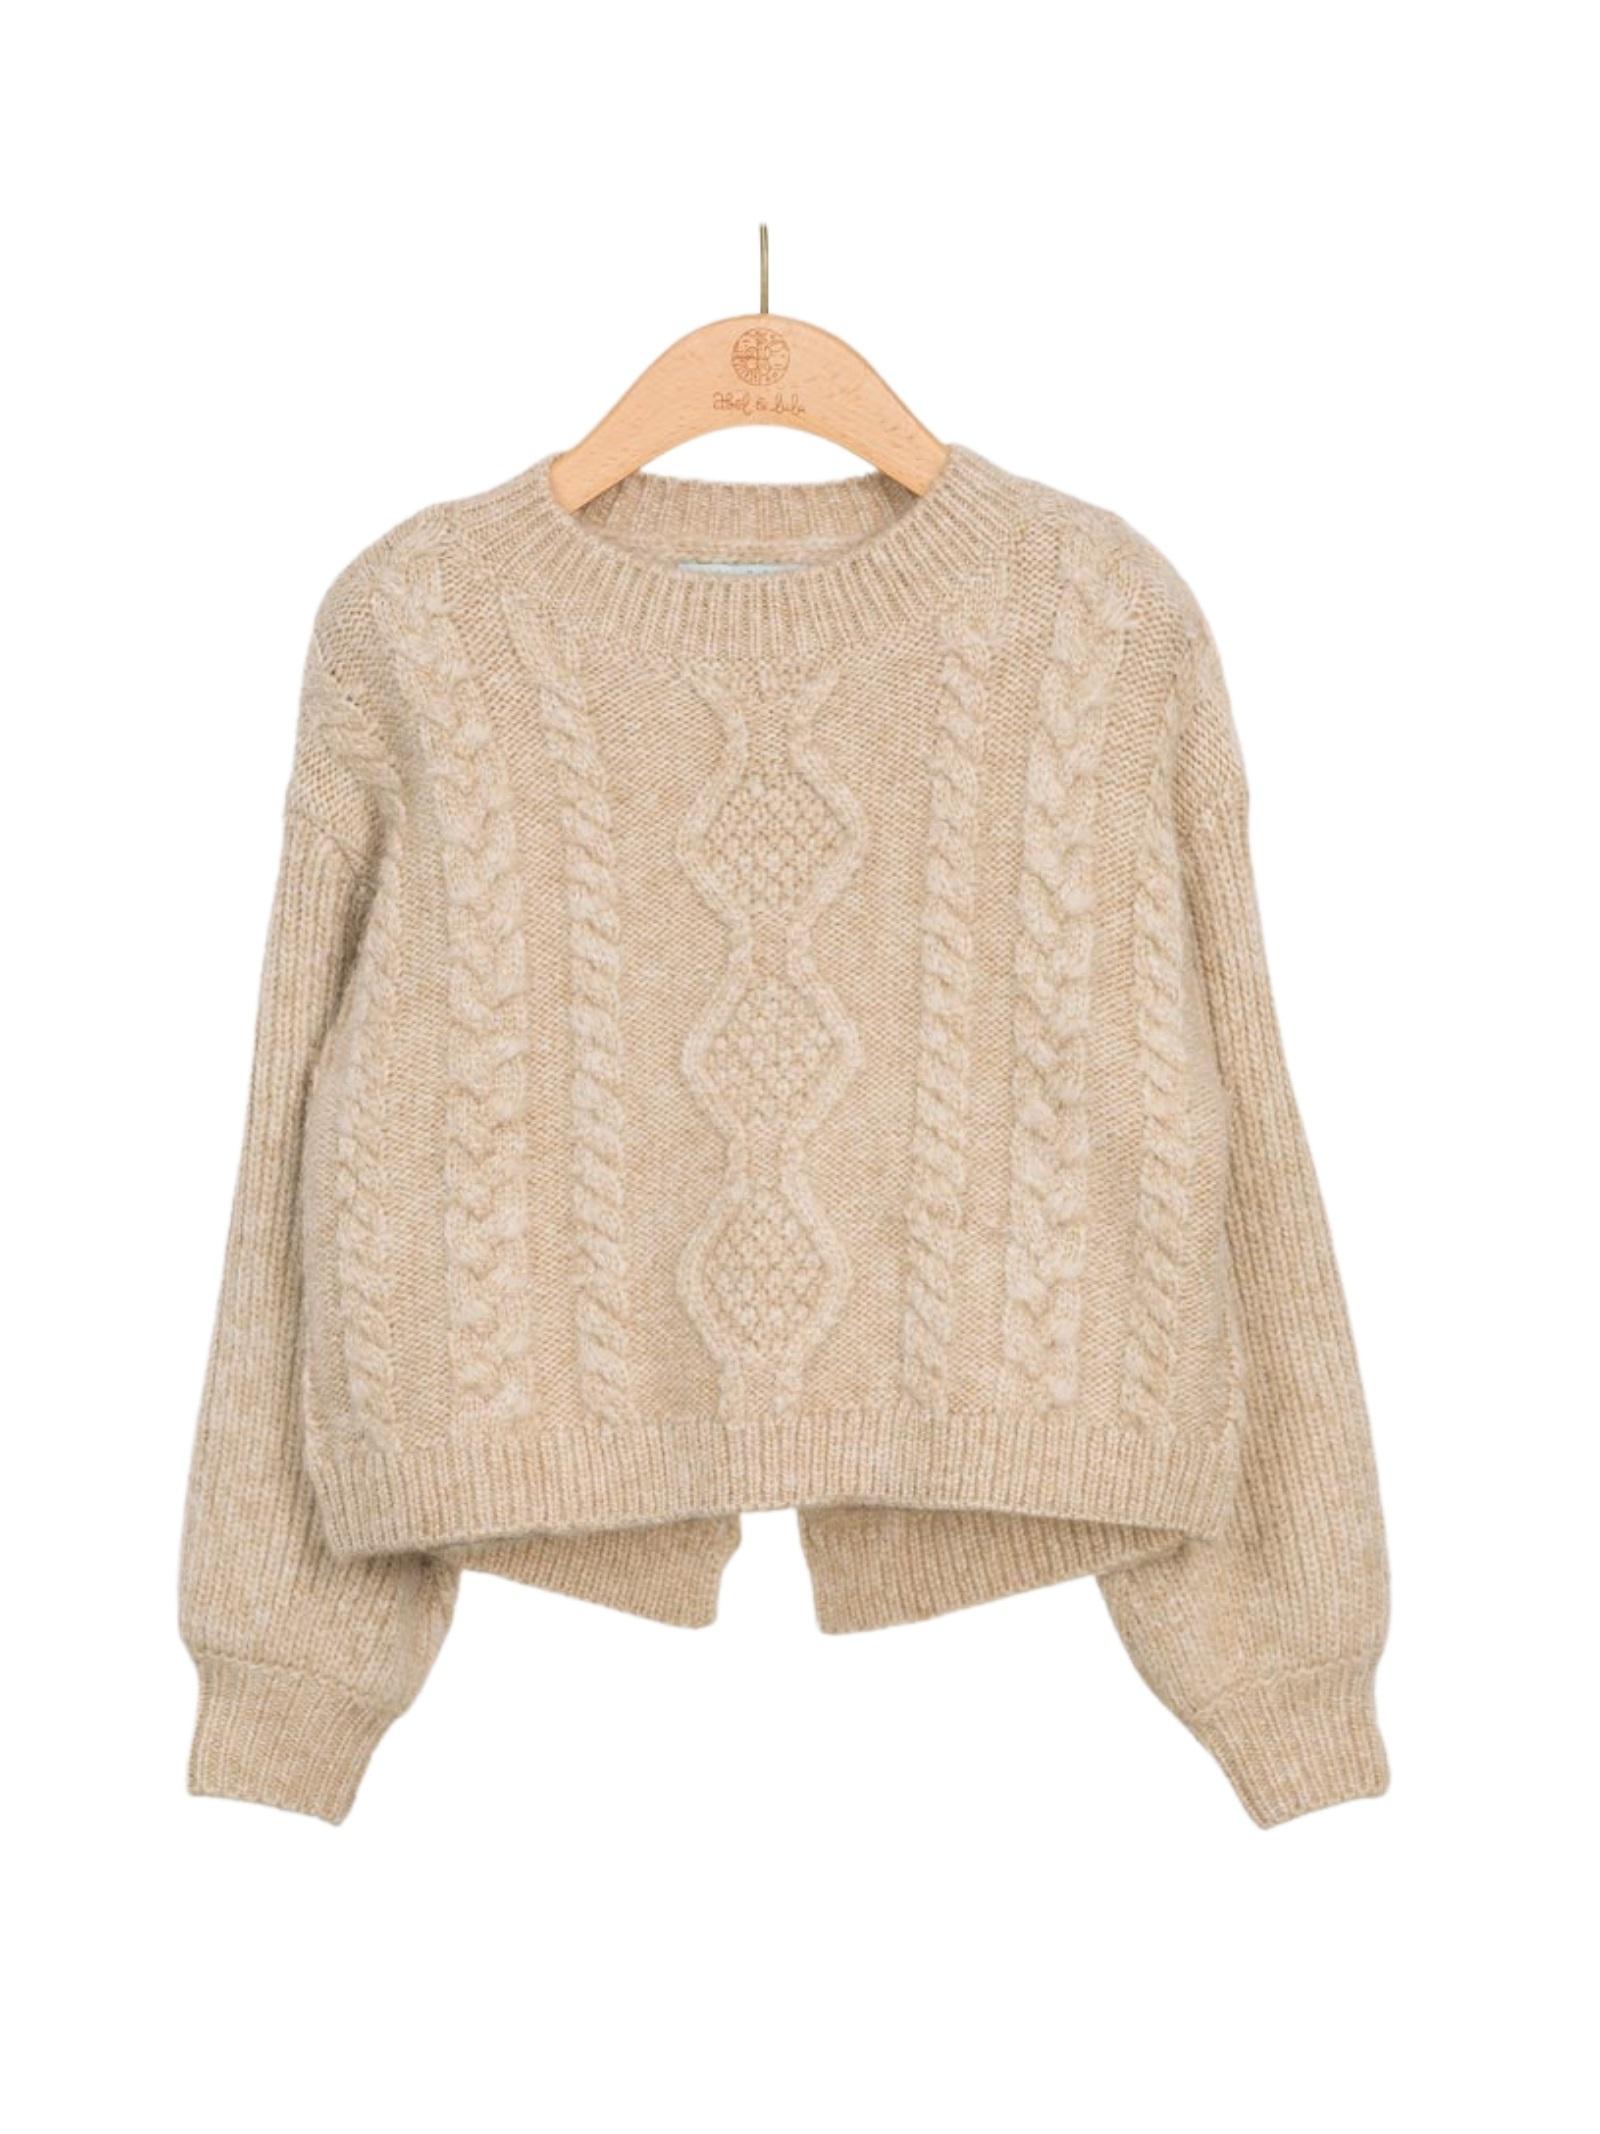 Jersey Jacquard Sweater ABEL&LULA | Sweaters | 5836043